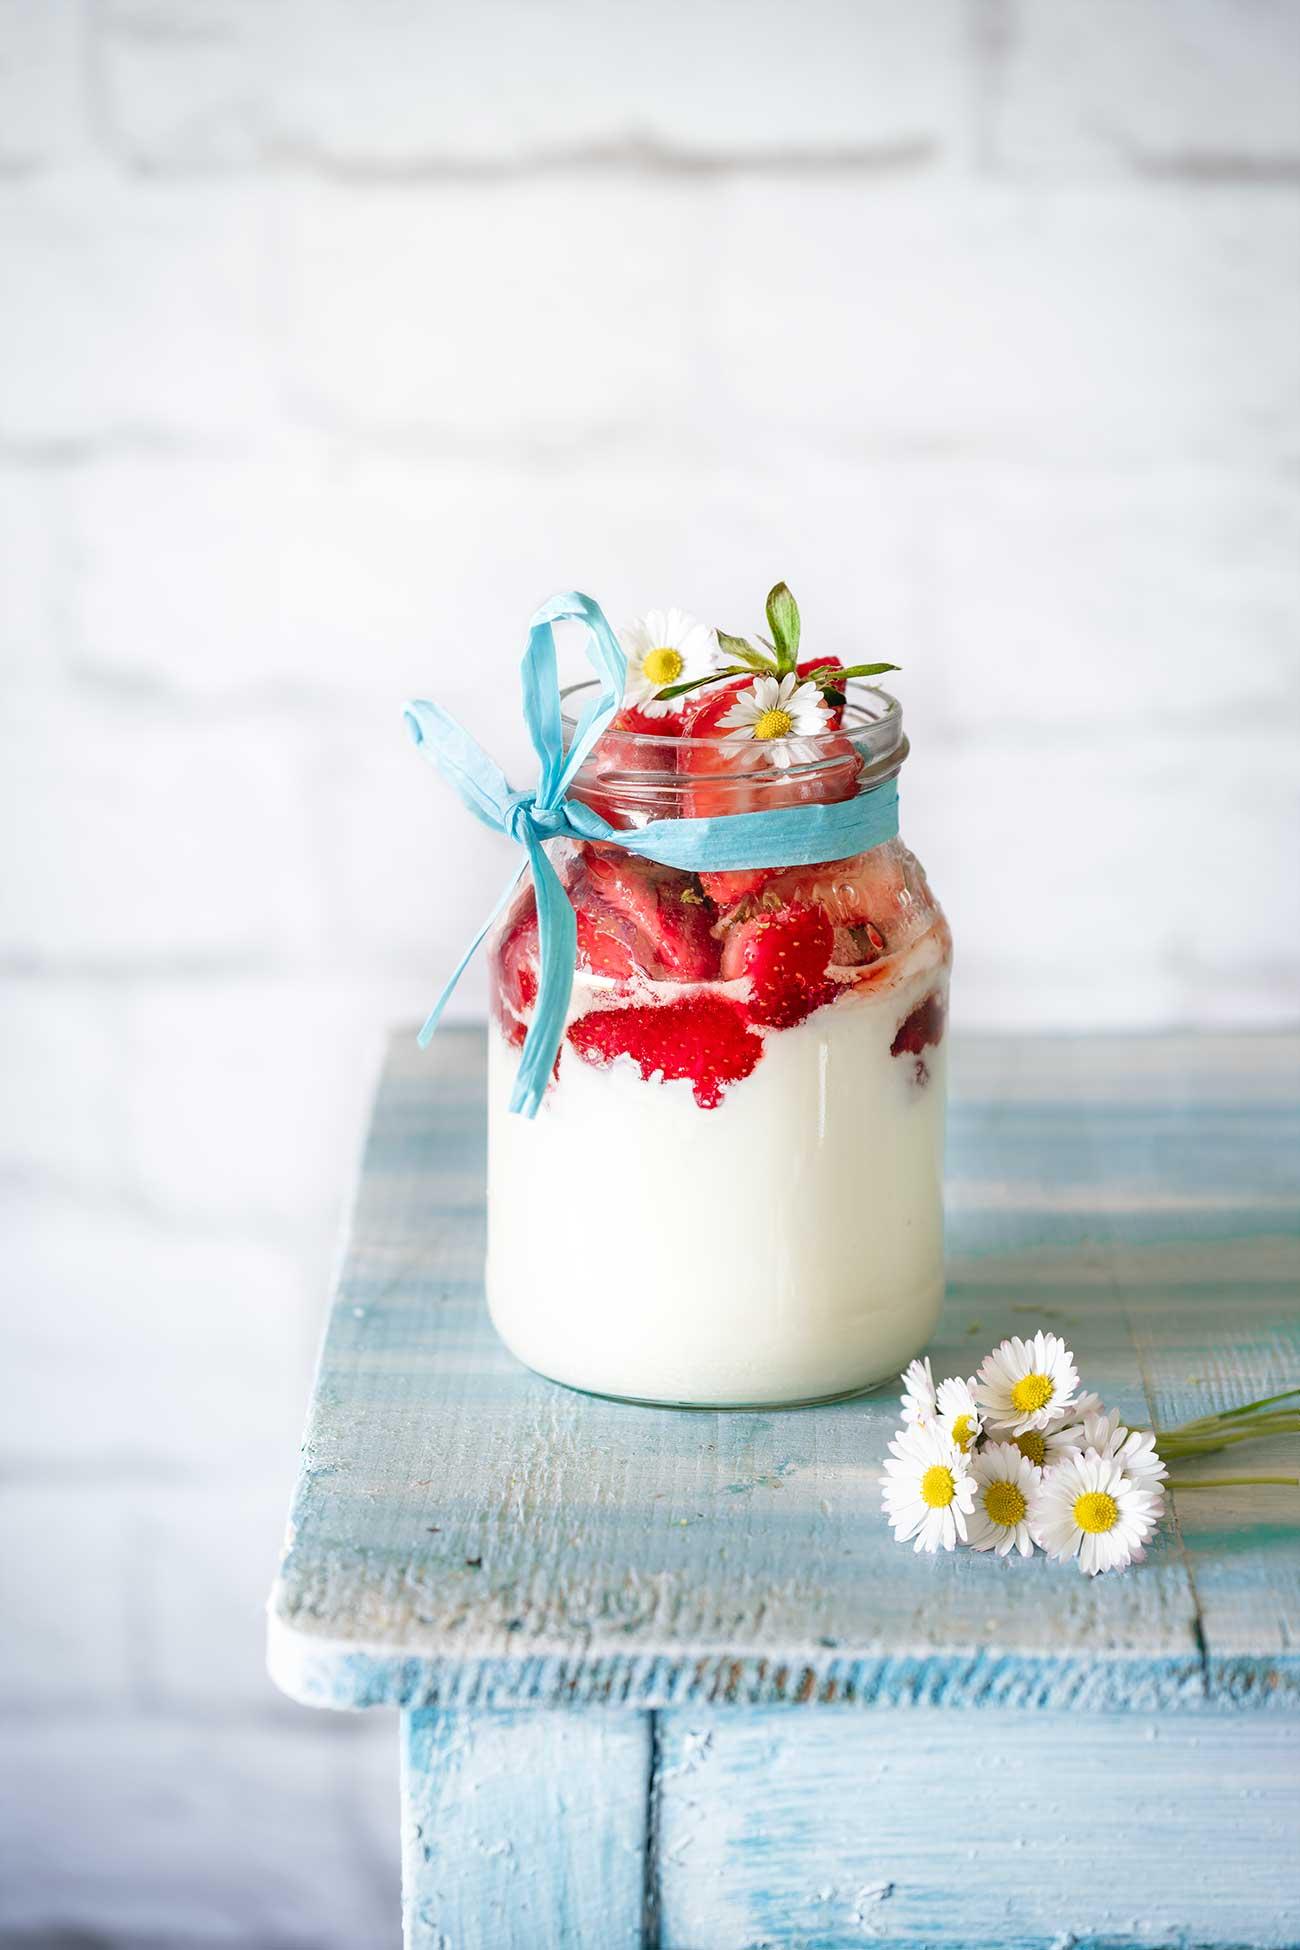 Die Erdbeerzeit ist doch eine schöne Zeit. So viele tolle Rezepte, dass man sich gar nicht entscheiden kann, welches zuerst ausprobiert werden soll. Wer es schnell mag: hier ein Rezept für ein Erdbeer-Dessert mit nur wenig Aufwand.